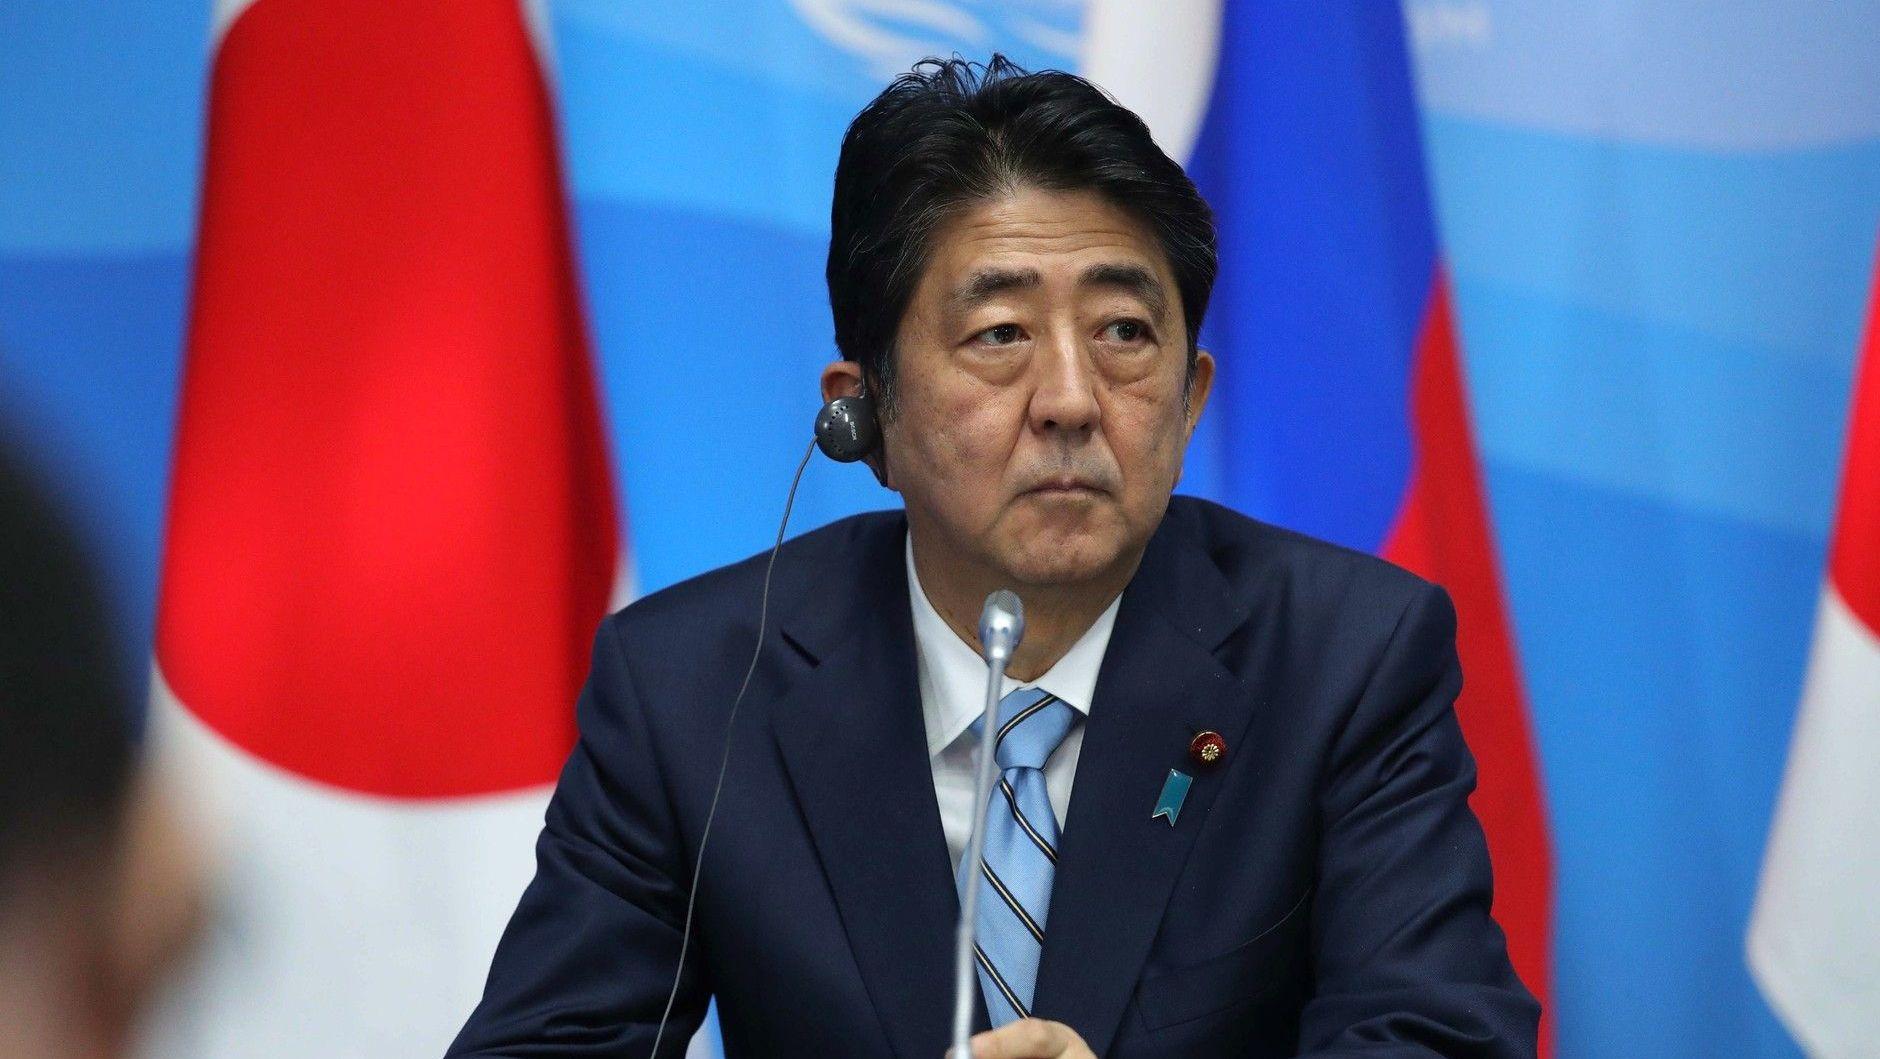 Премьер: Безопасность Японии оказалась под угрозой впервый раз после 2-ой мировой войны